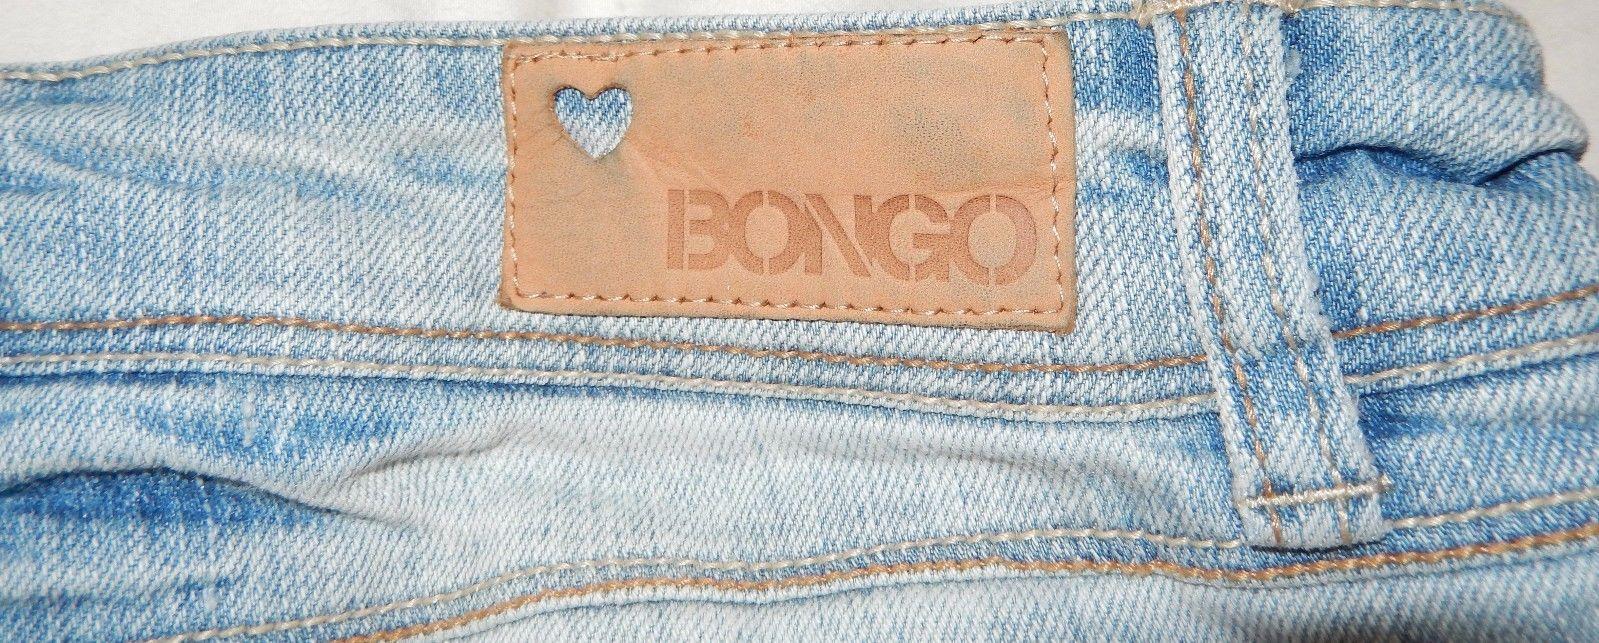 Bongo Skinny Boot Low Rise Jean Size 7 Junior (30 x 32)